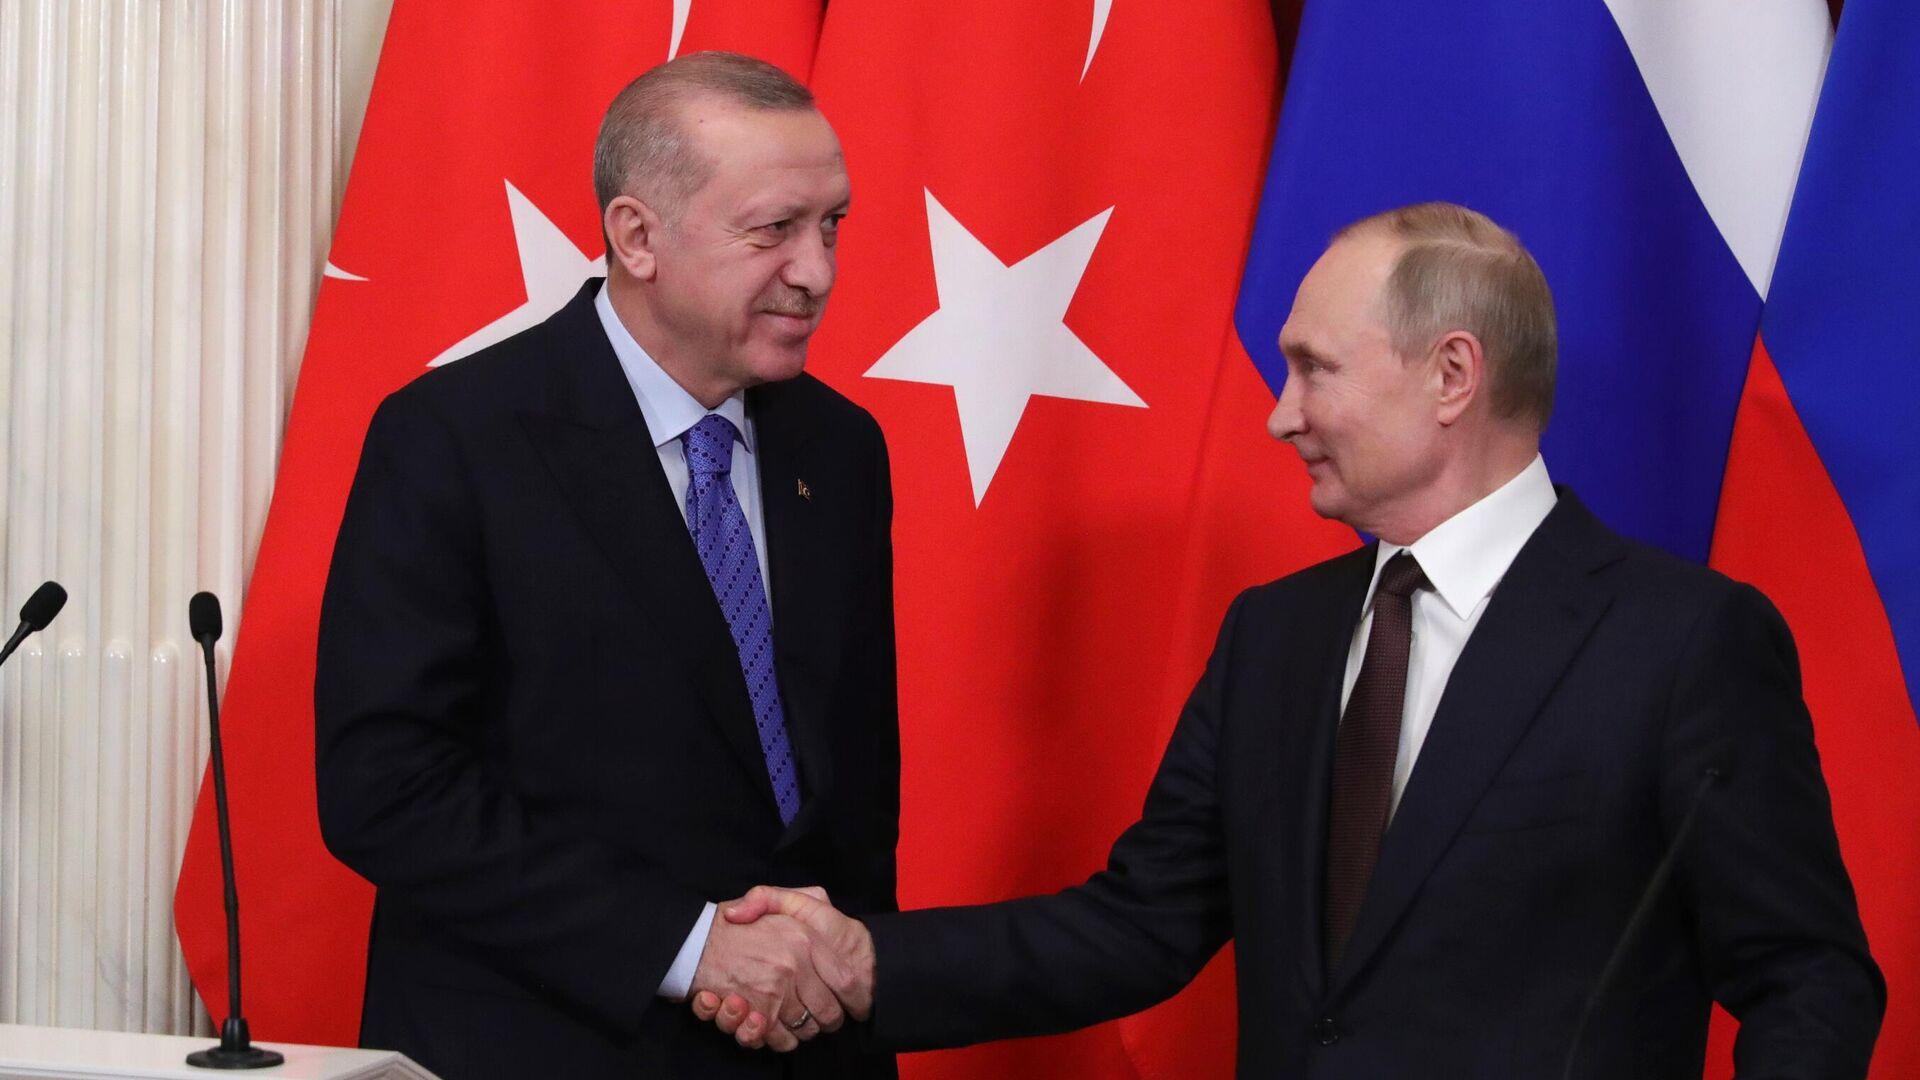 Президент РФ Владимир Путин и президент Турции Реджеп Тайип Эрдоган во время пресс-подхода - РИА Новости, 1920, 24.06.2021